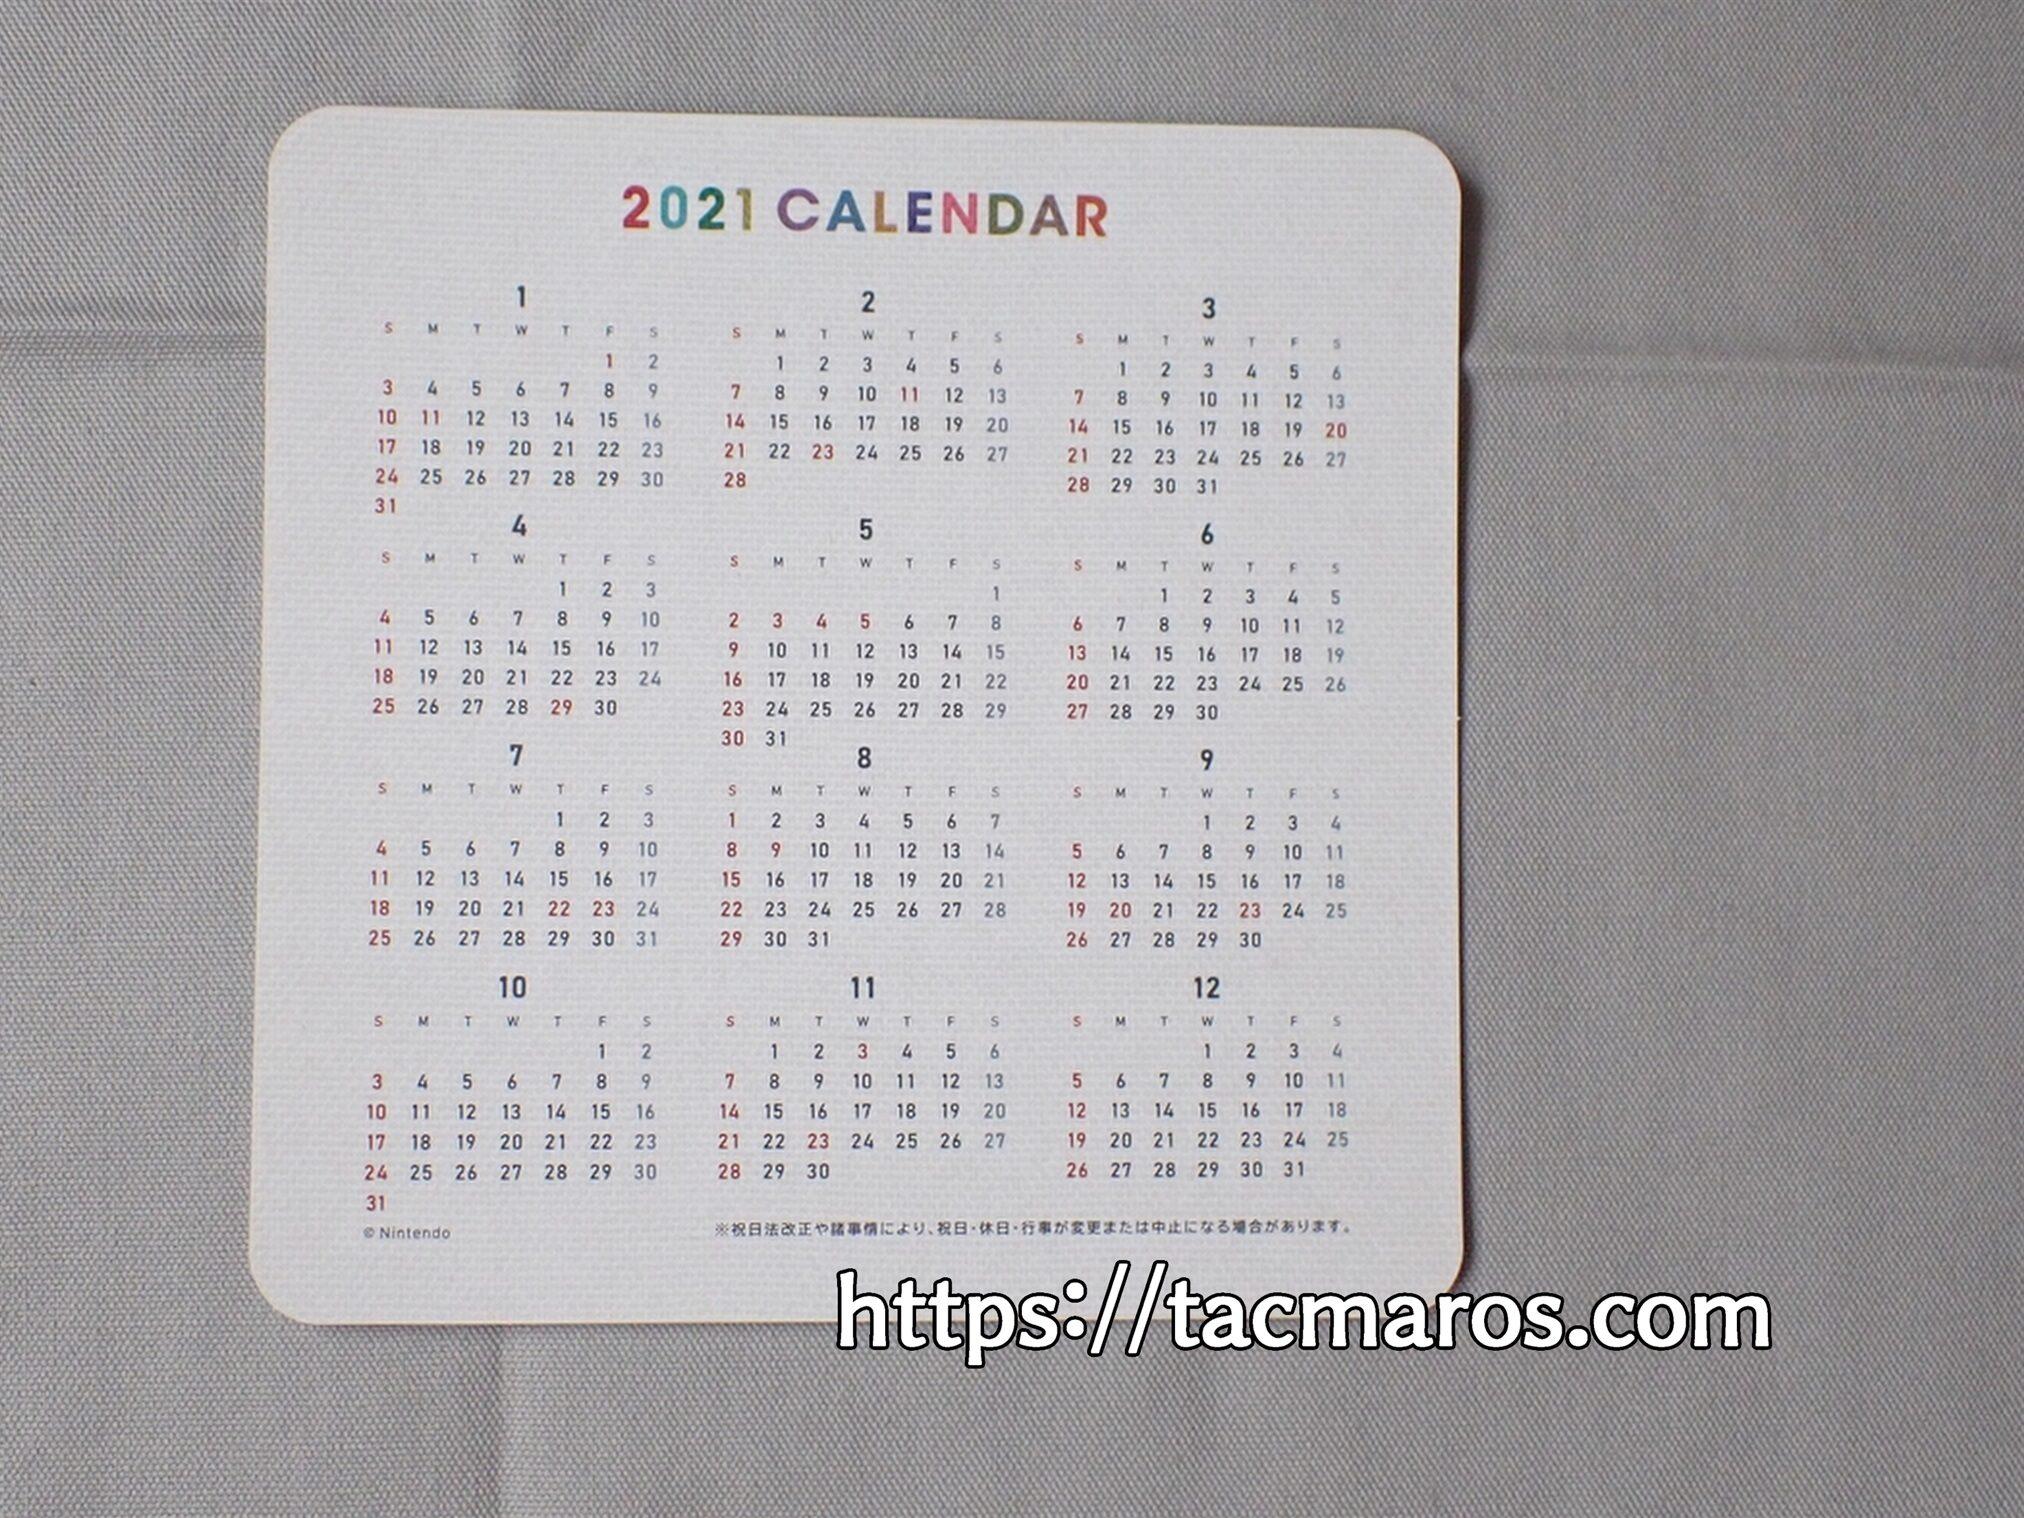 My Nintendo マイニンテンドーオリジナルカレンダー2021 年間カレンダーがついています